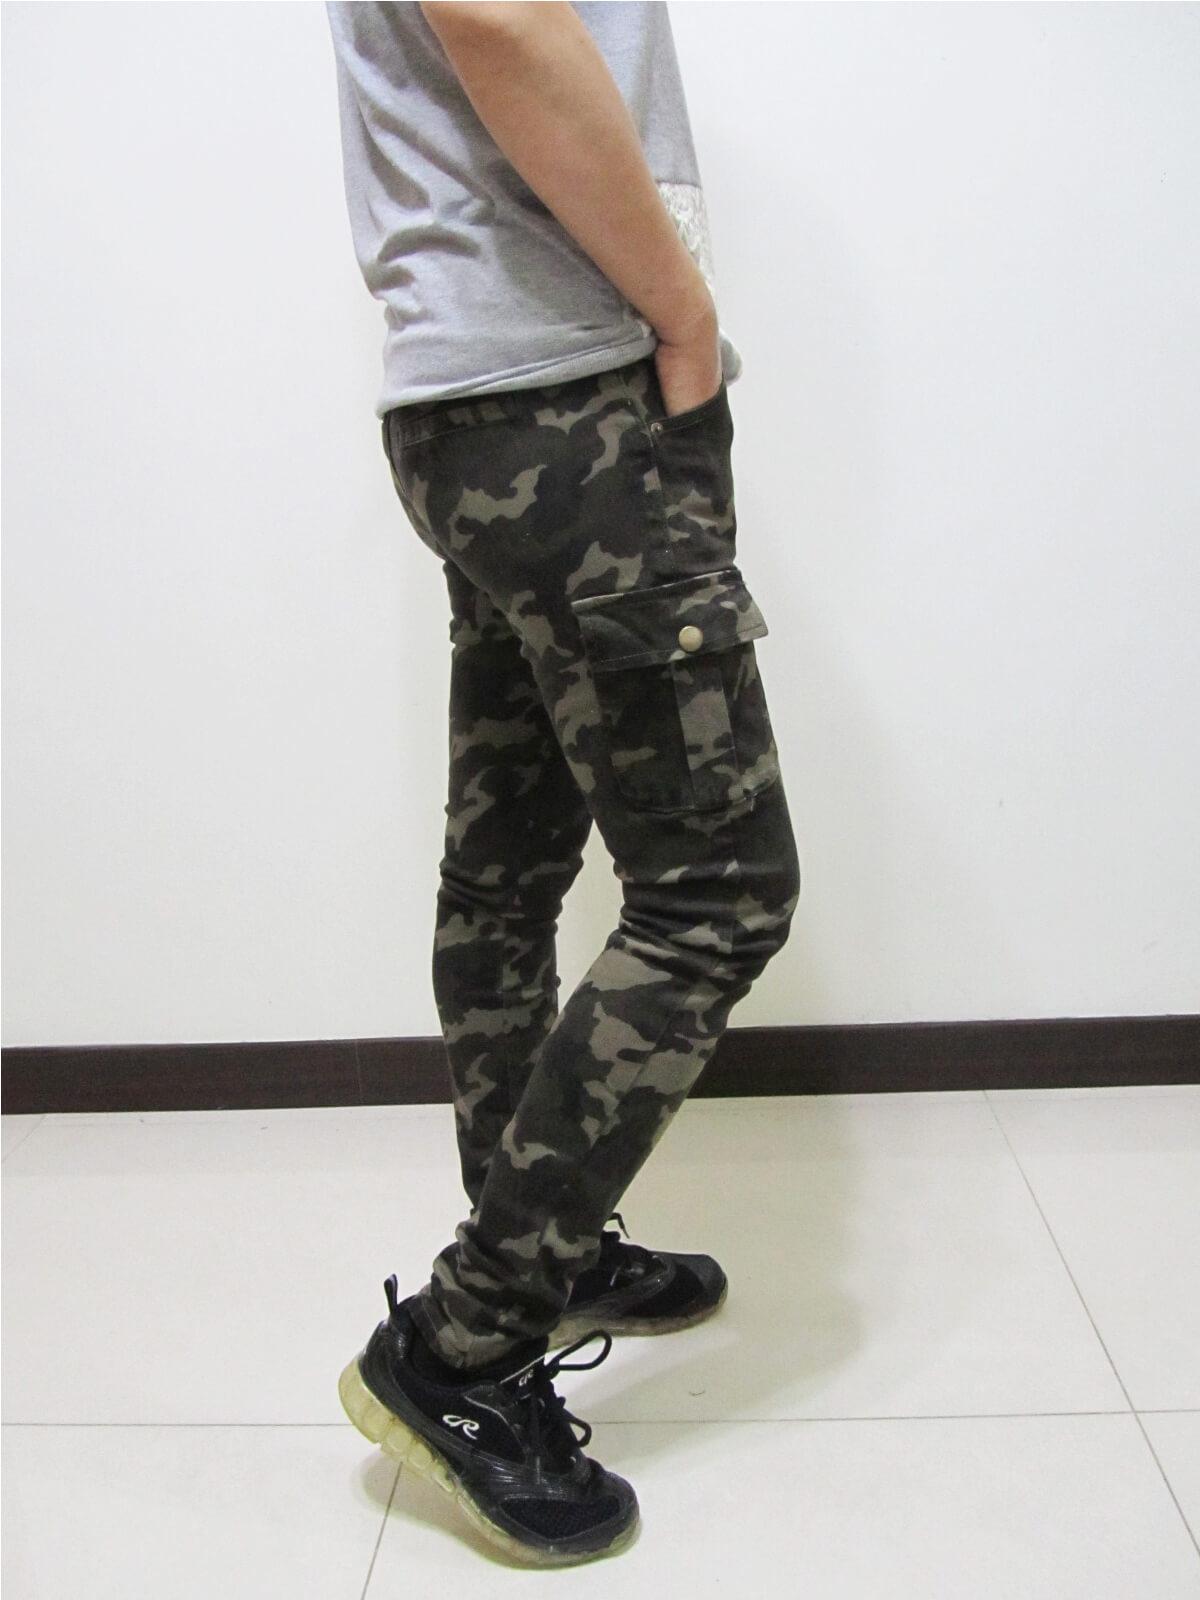 sun-e迷彩長褲、彈力中底腰長褲、休閒迷彩長褲、迷彩工作褲、多口袋長褲、二側側貼袋長褲、合身長褲、休閒長褲、腰圍有皮帶環(褲耳)、褲檔有拉鍊(092-6987-12)軍綠 腰圍:S M L XL(26~33英吋)(女) 1